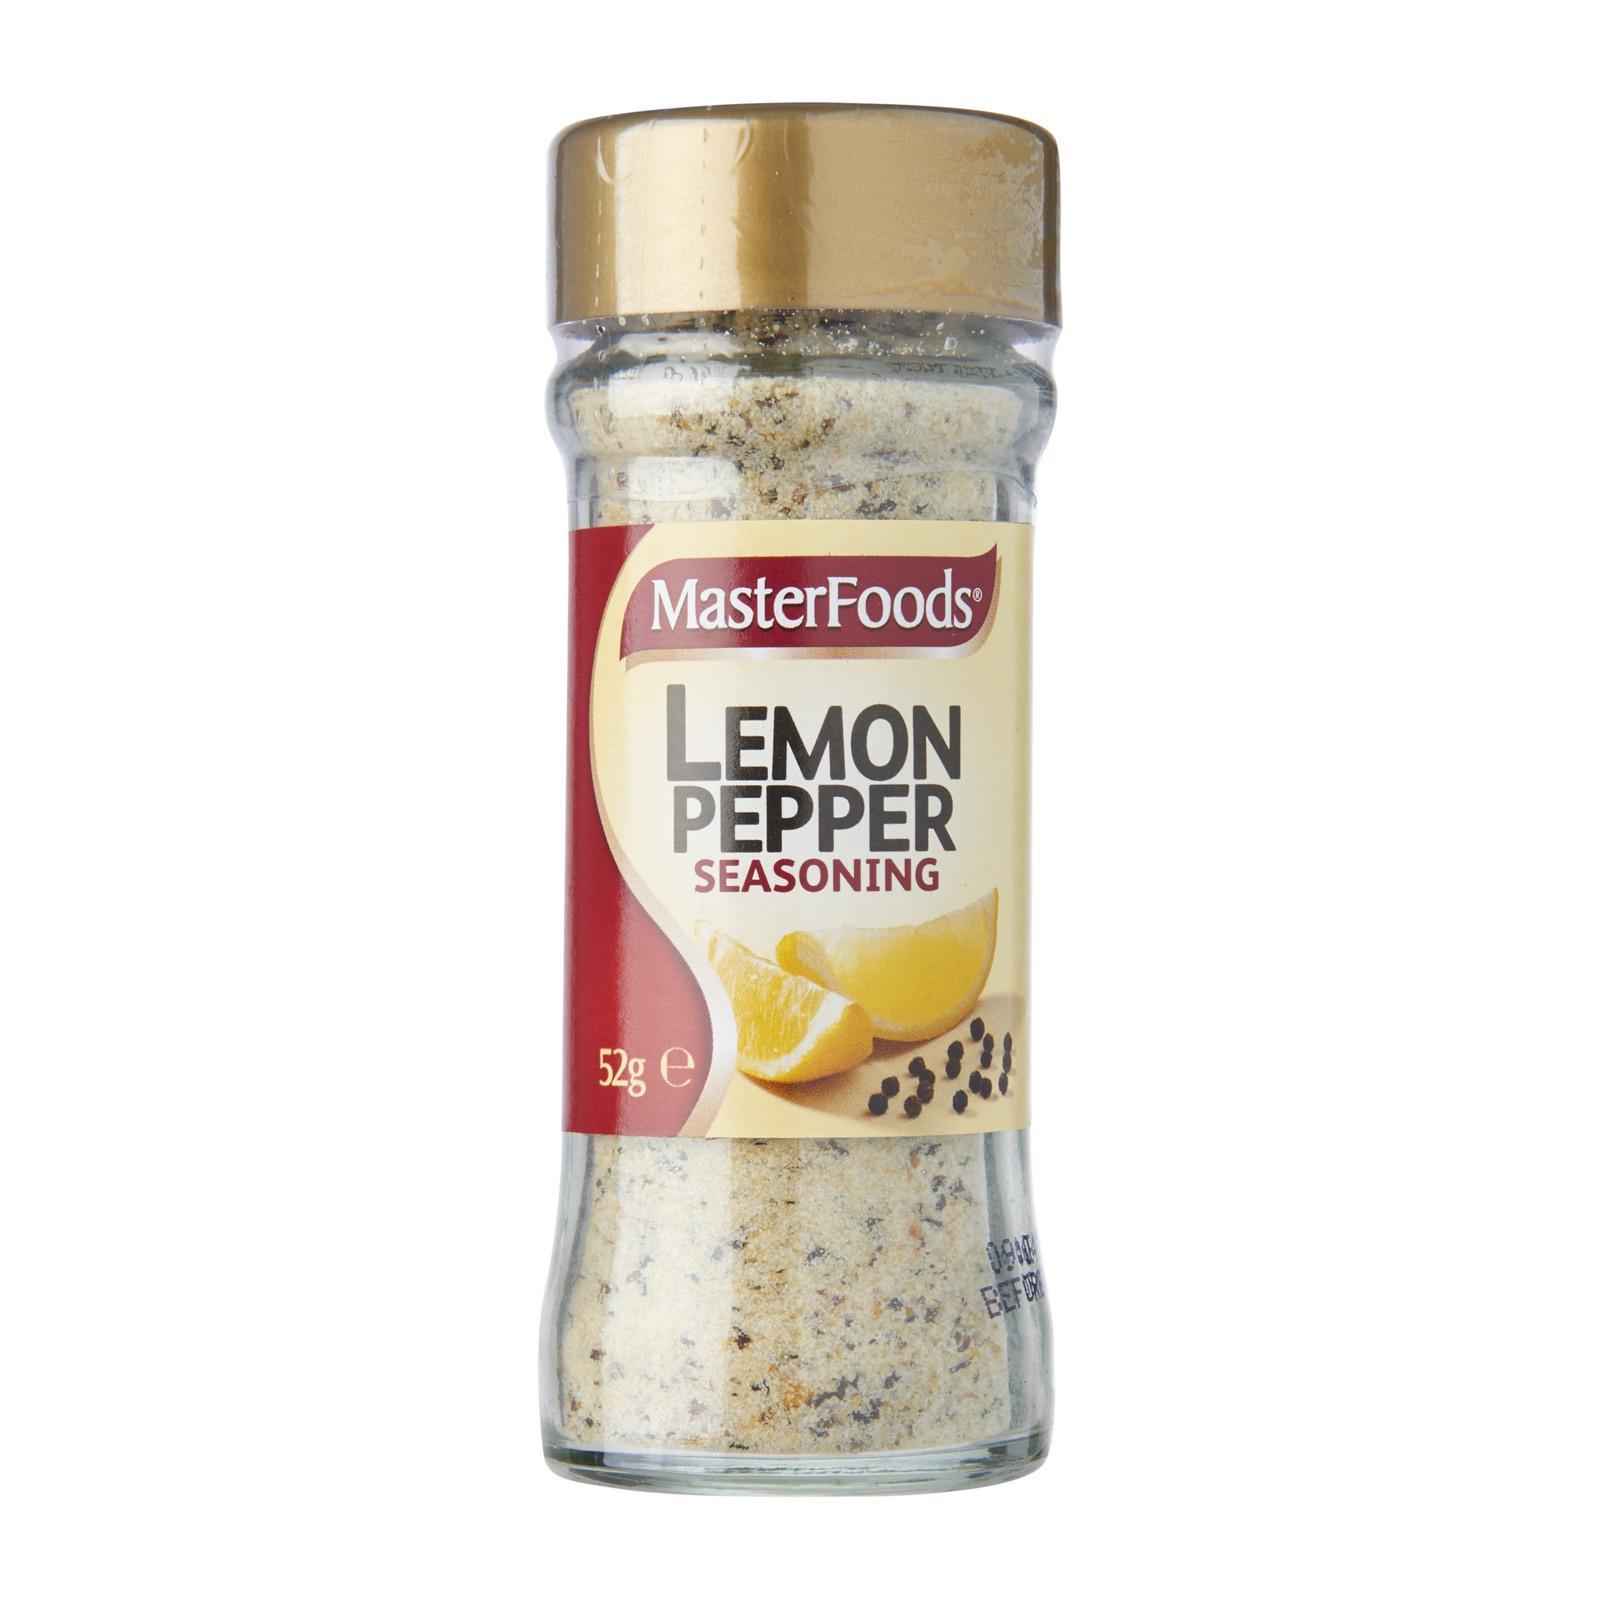 Masterfoods Lemon Pepper Seasoning Jar